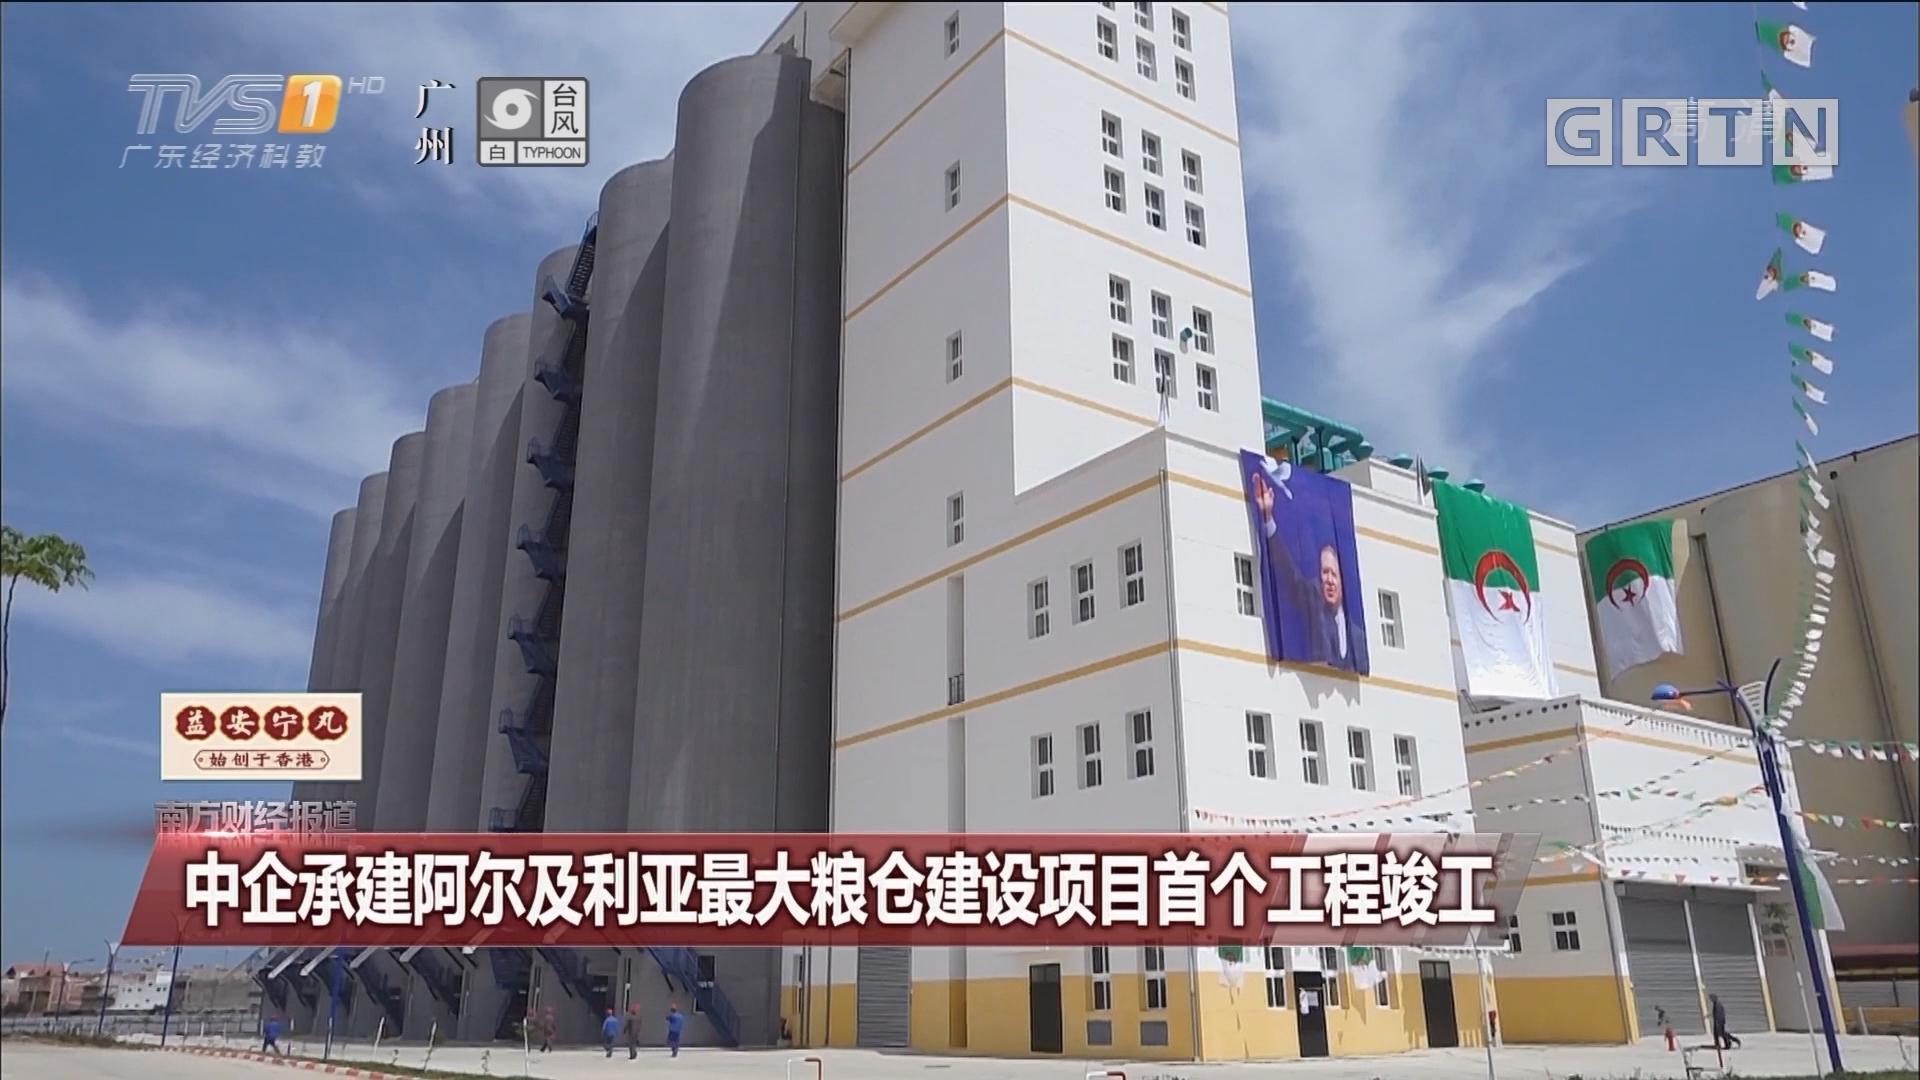 中企承建阿尔及利亚最大粮仓建设项目首个工程竣工